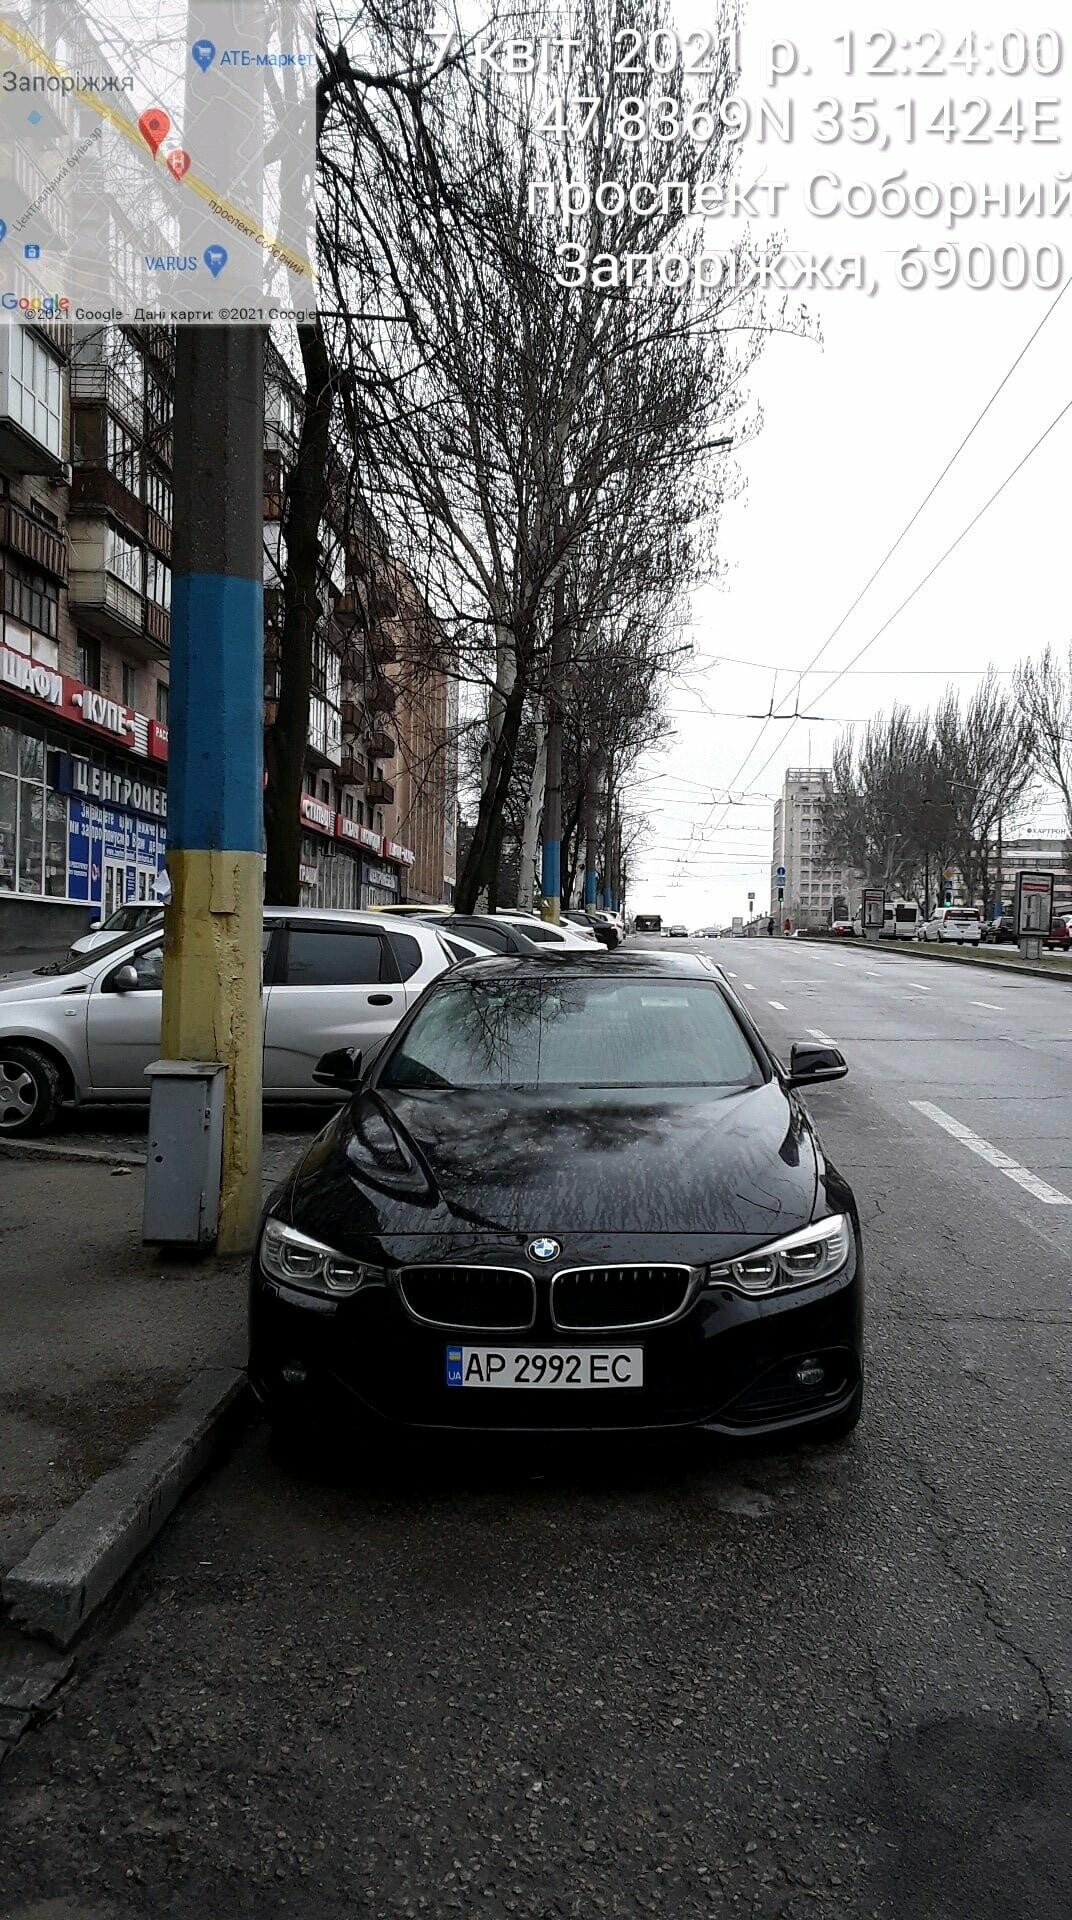 В Запорожье инспекторы по парковке выписали за неделю штрафов на 165 тысяч гривен, фото-2